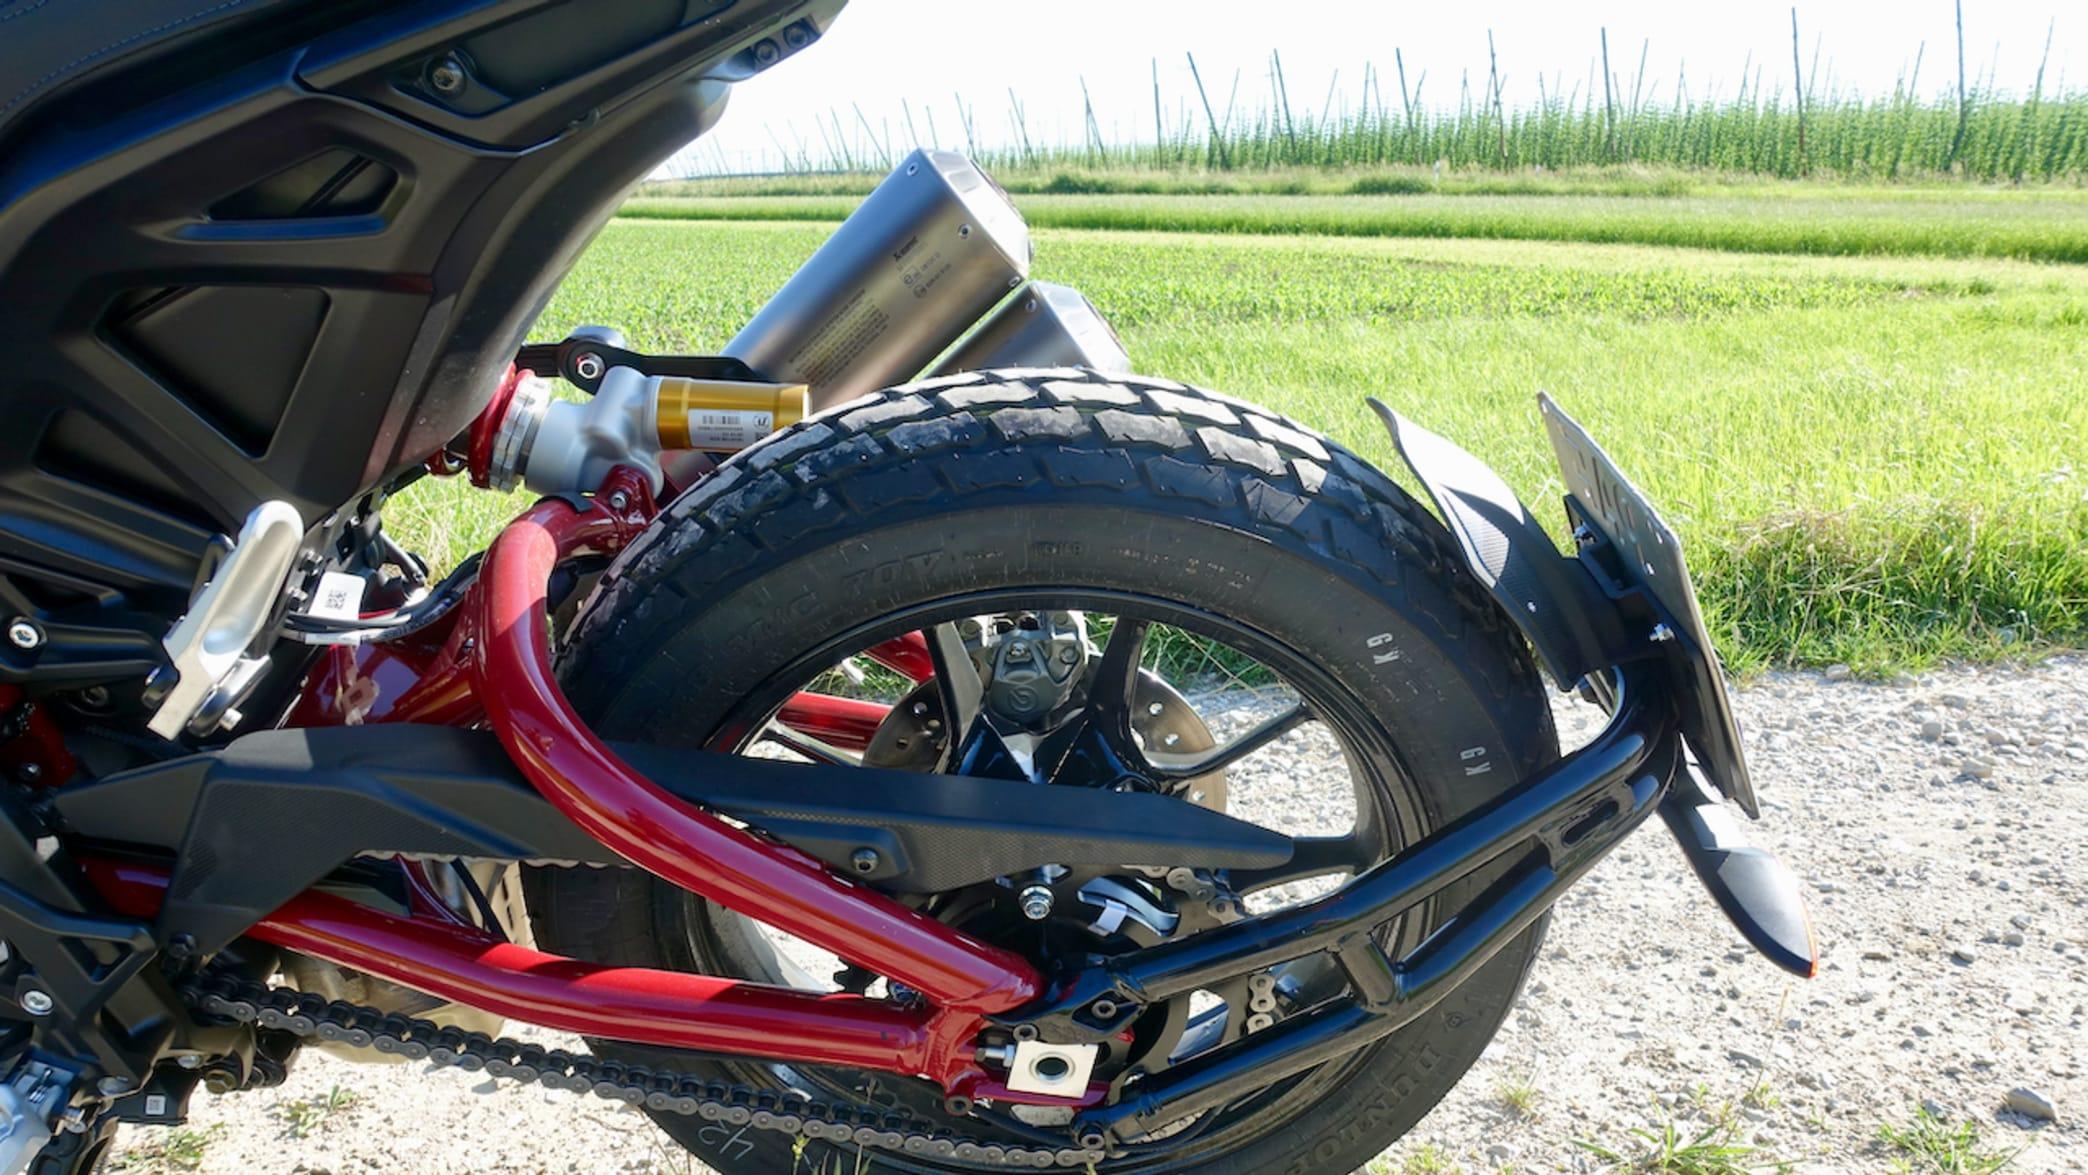 Hinterrad eines FTR 1200 S Motorrad